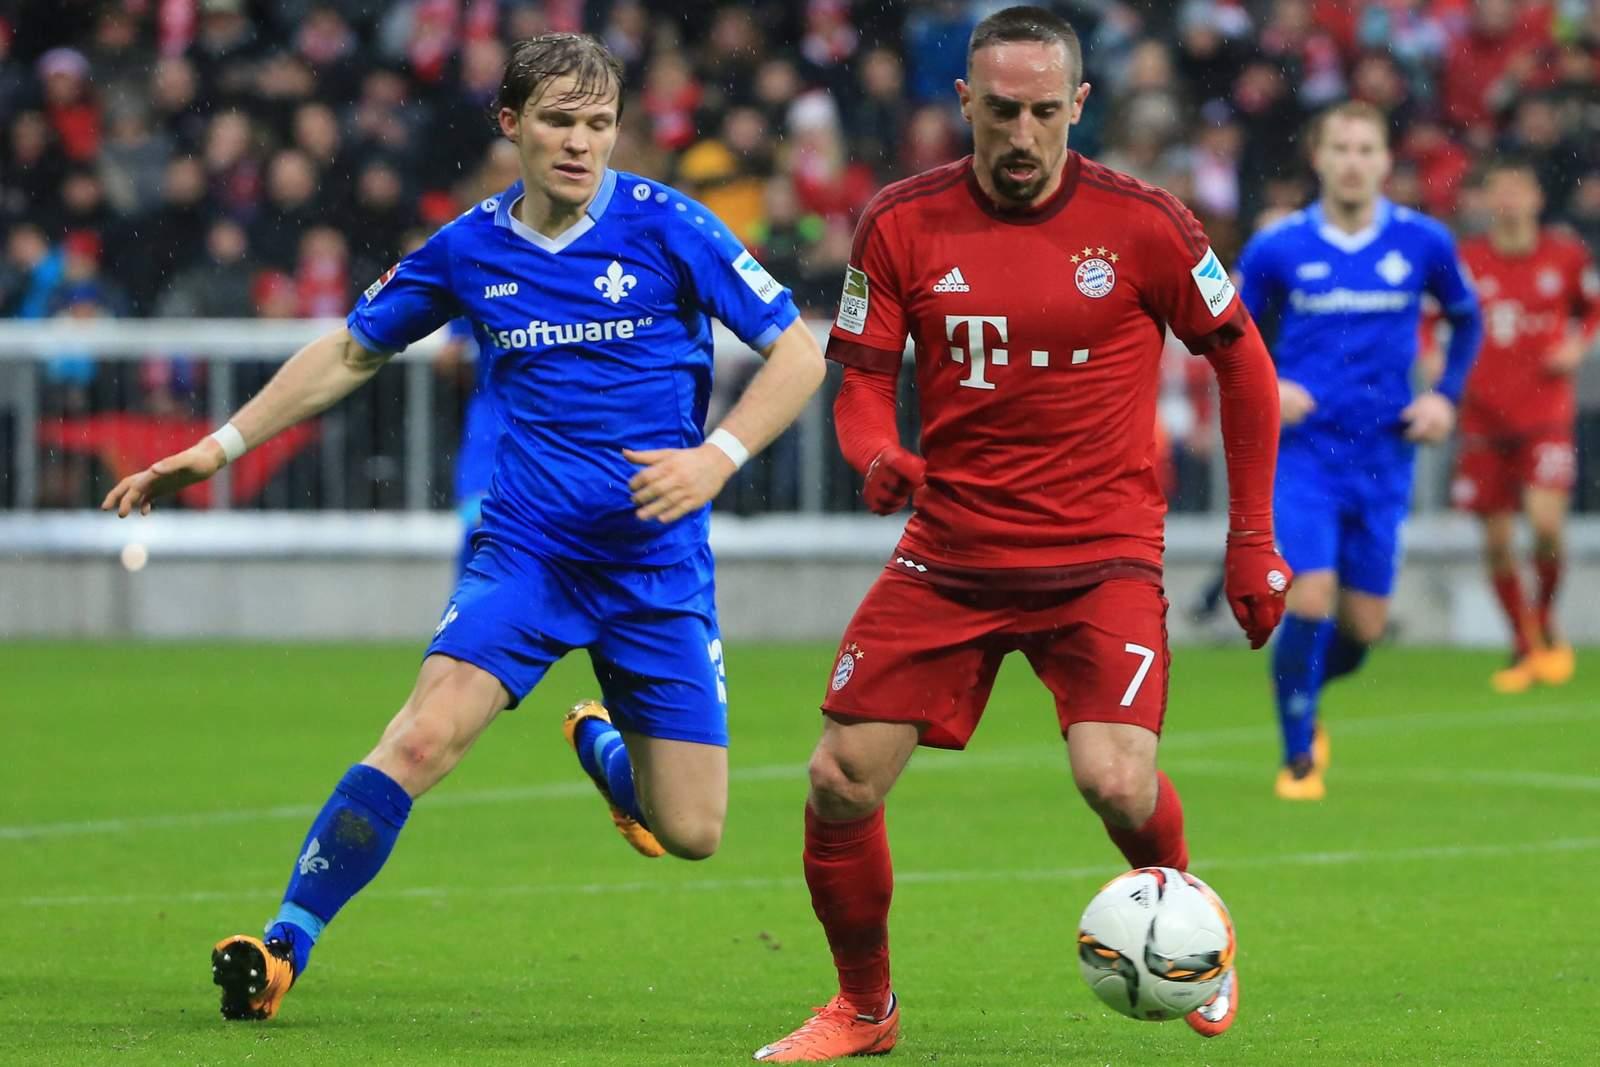 Ribery schirmt den Ball gegen Jungwirth ab. Jetzt auf Darmstadt gegen FC Bayern wetten!